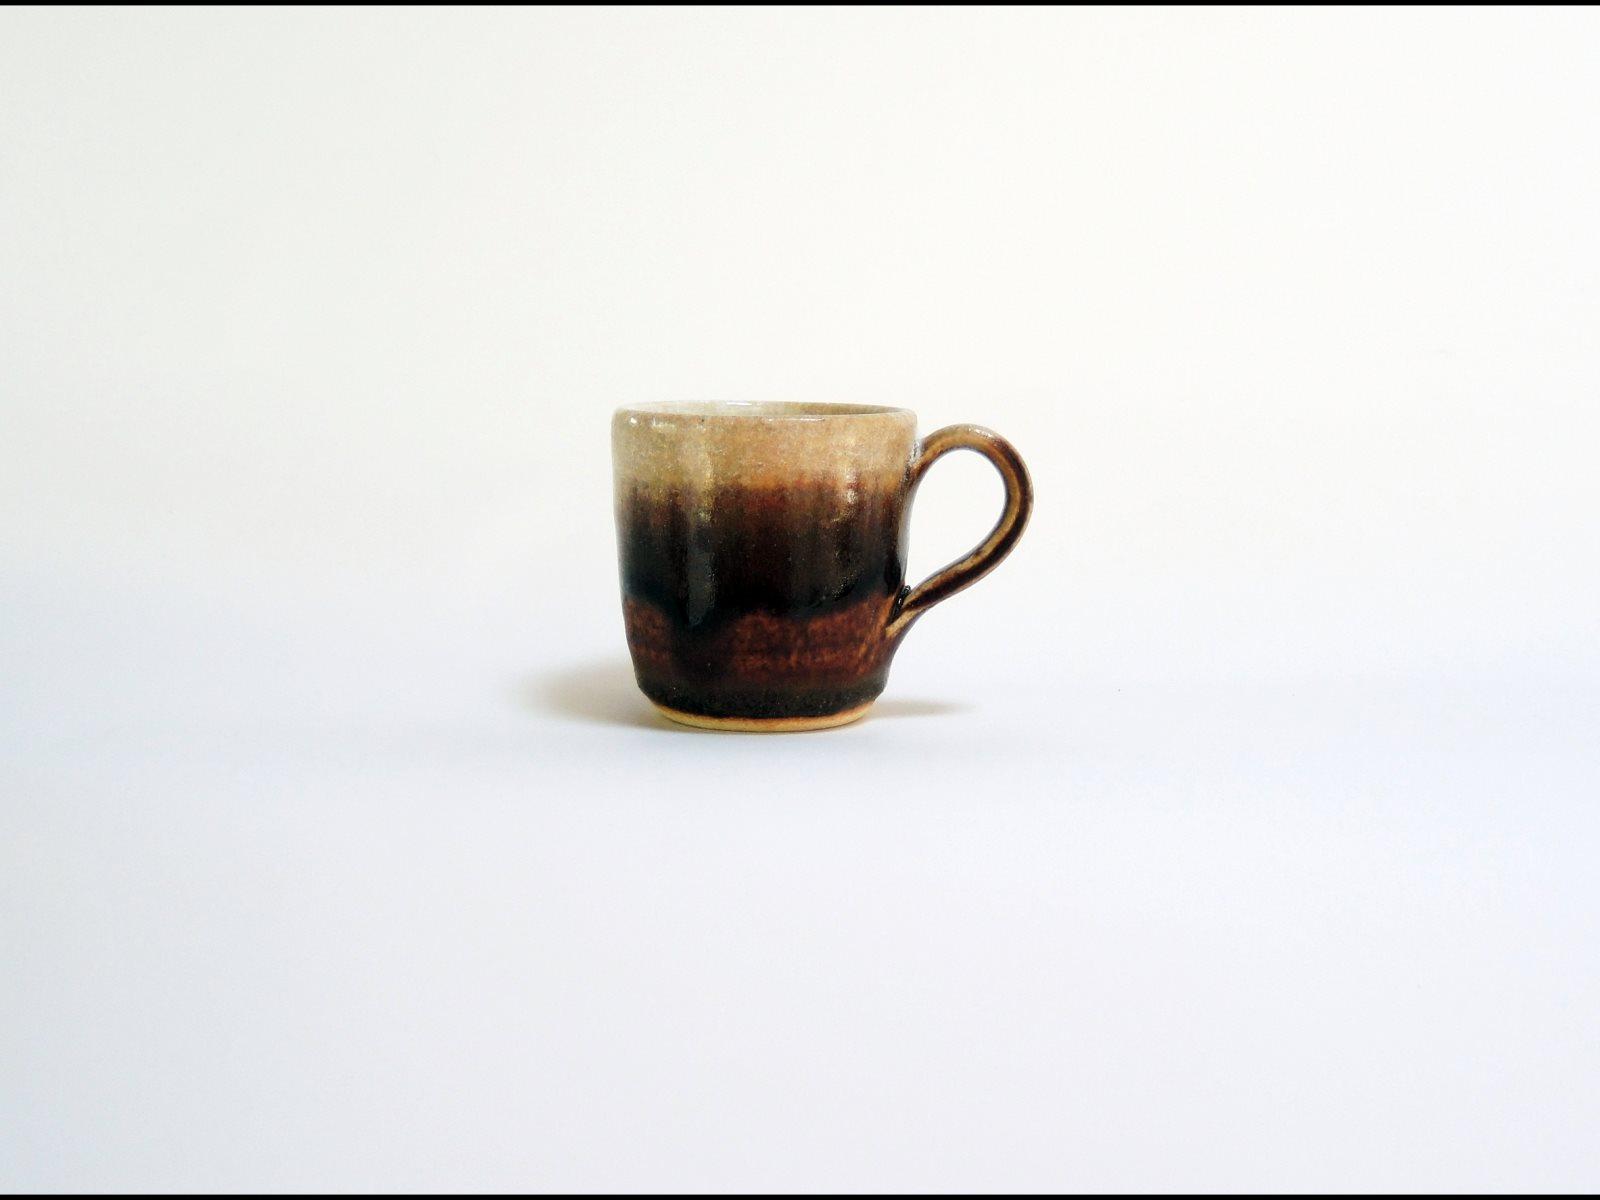 Κούπα εσπρέσο 003